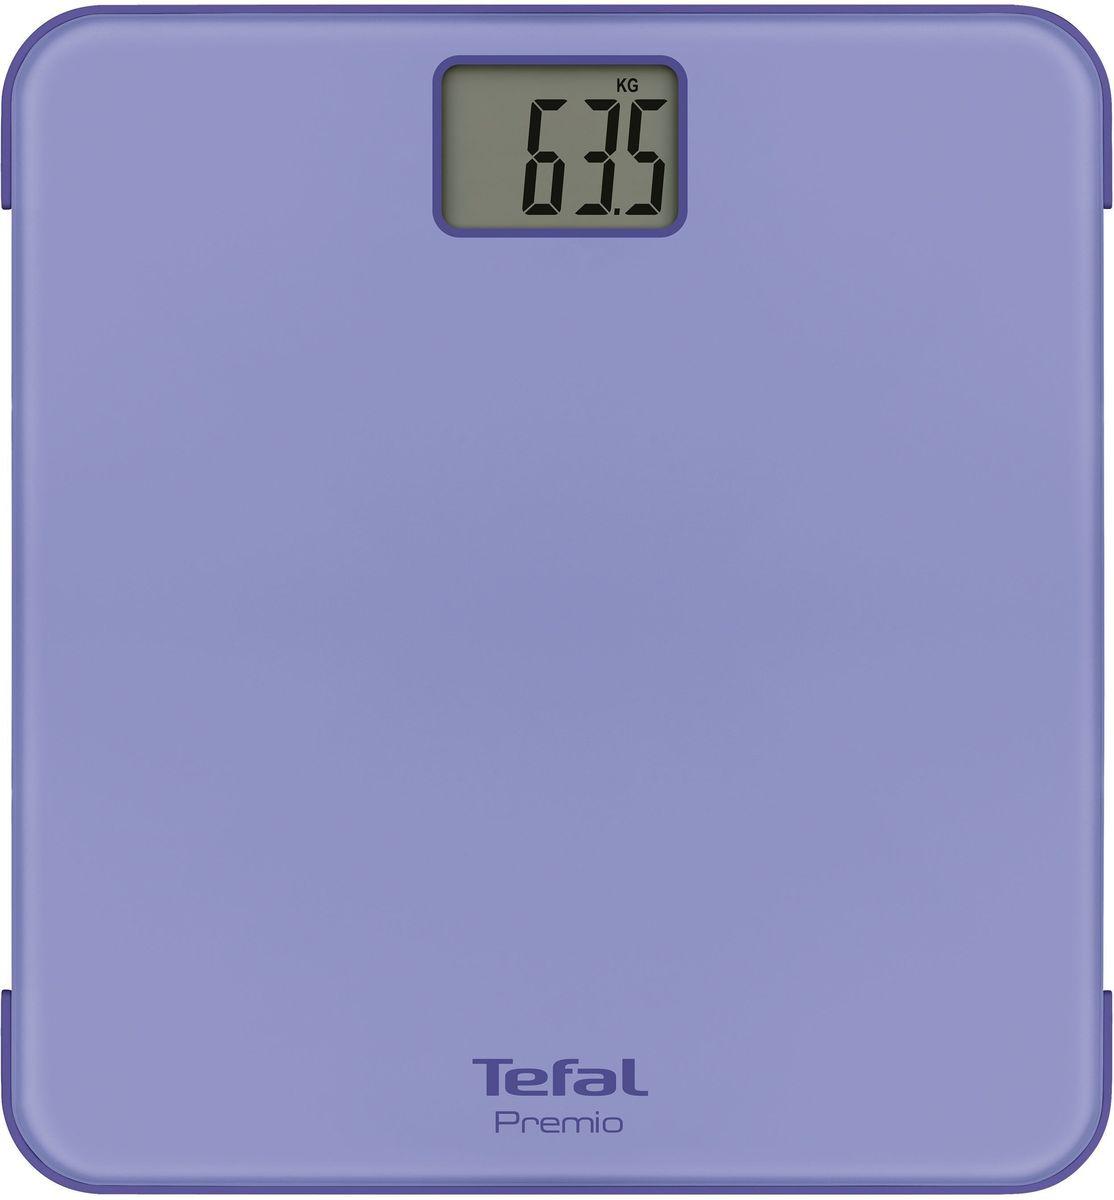 Tefal PP1221V0 напольные весы весы напольные tefal pp1221v0 белый